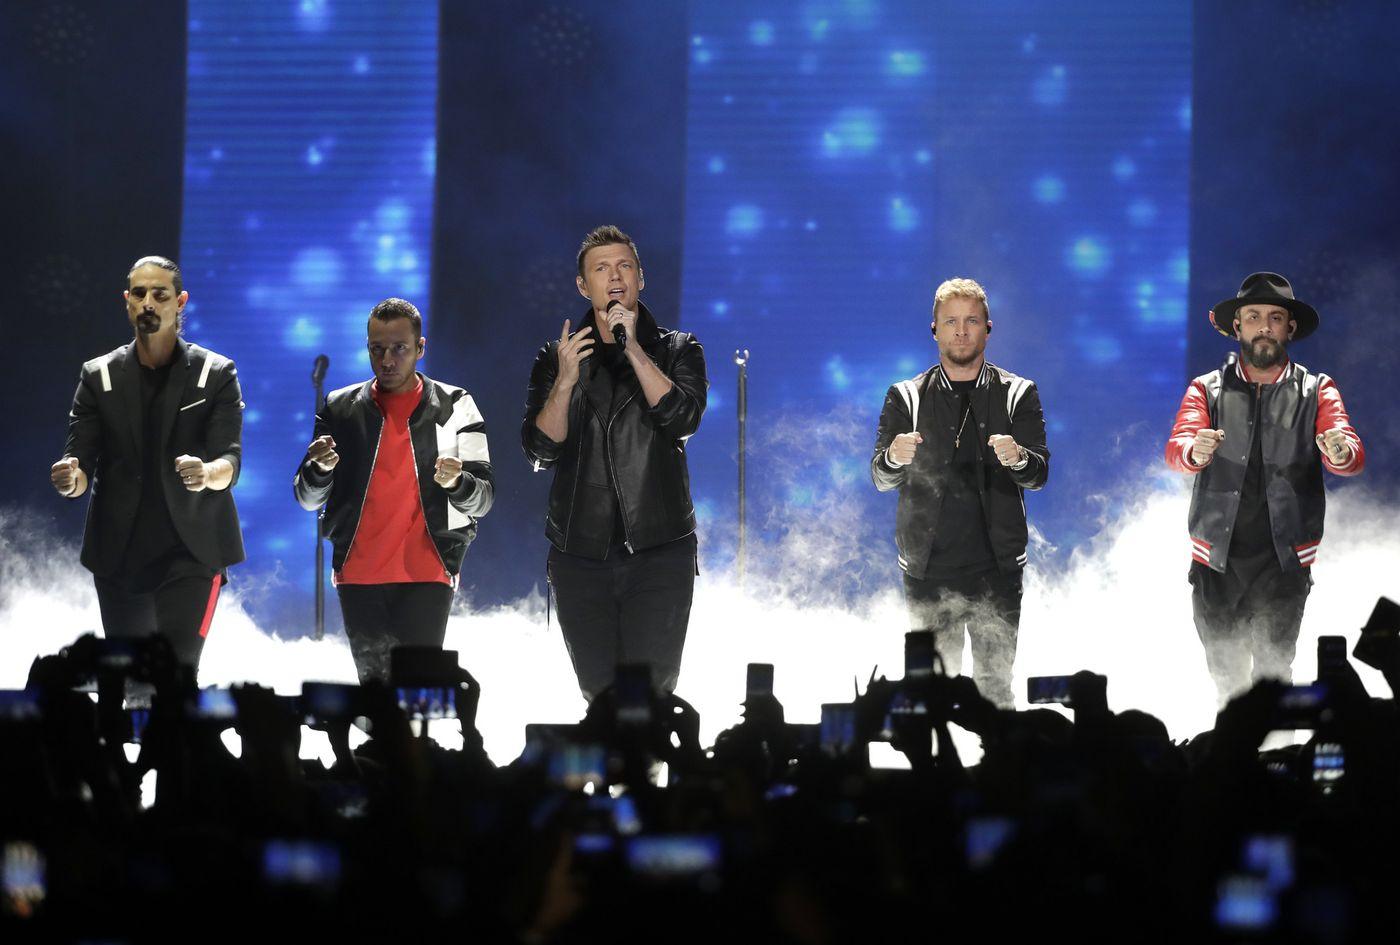 Backstreet Boys lamentan el accidente que dejó 14 heridos en uno de sus shows